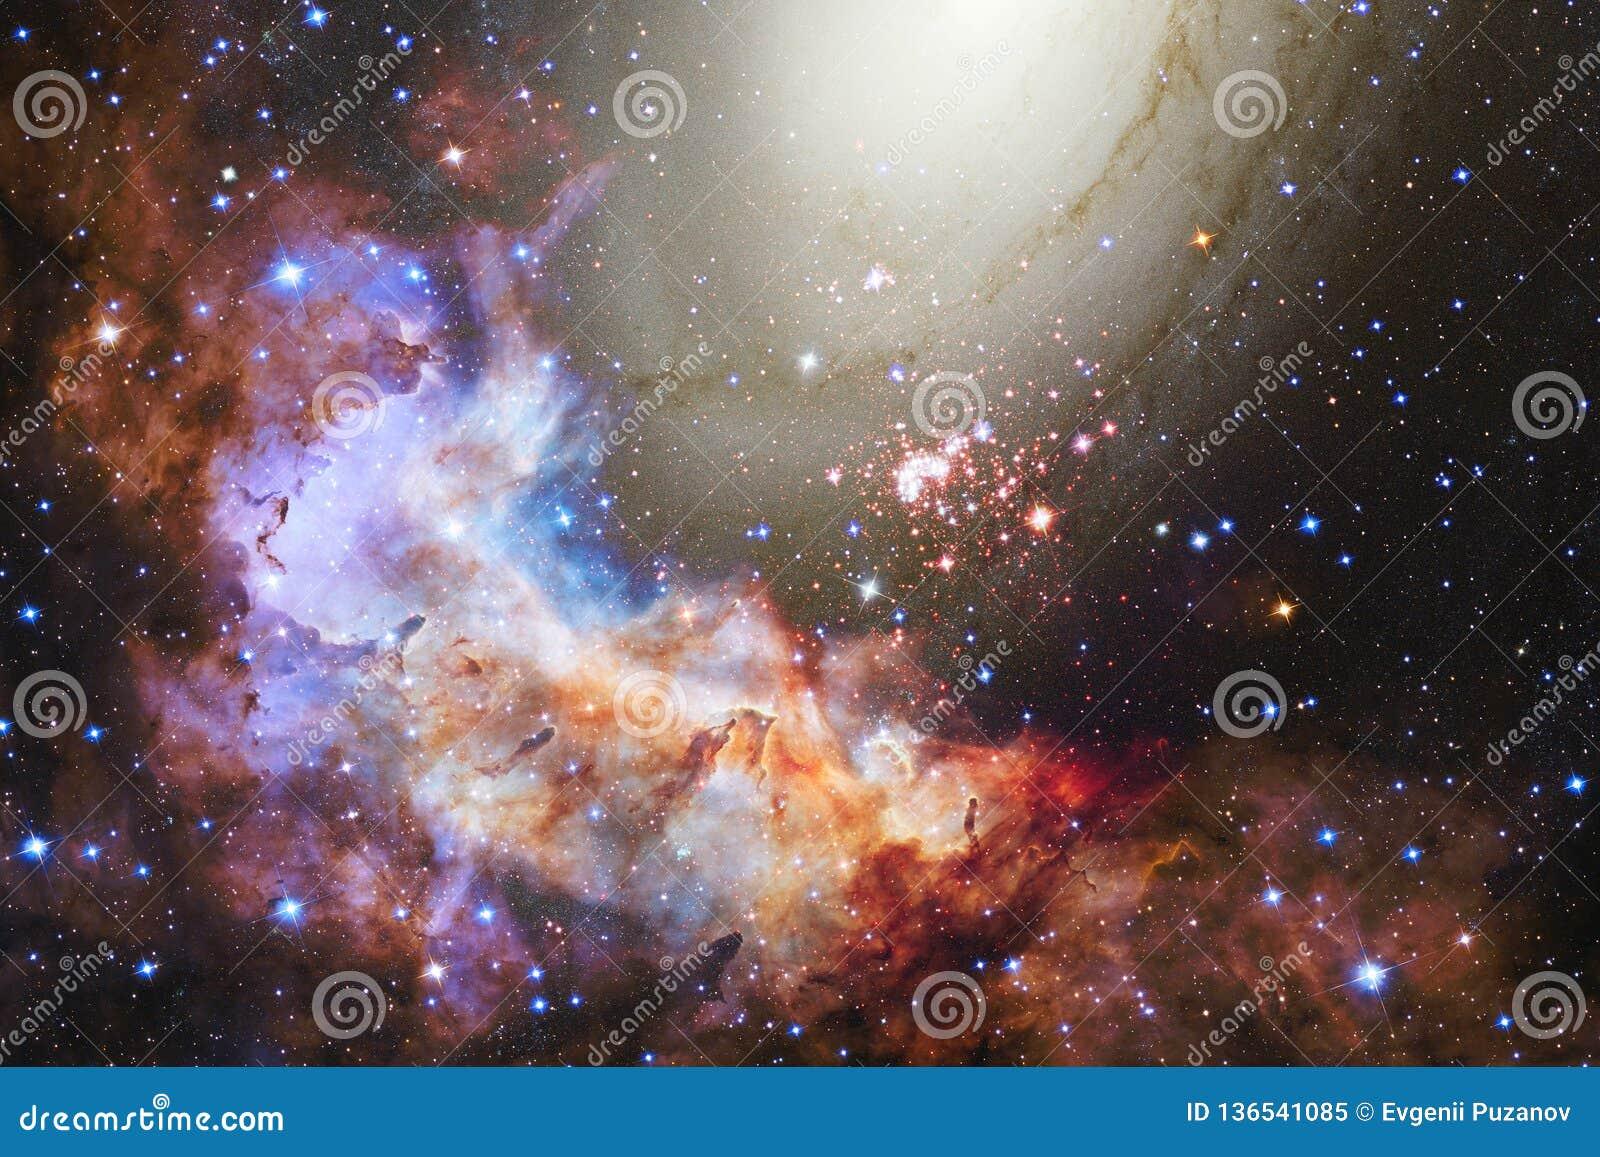 nebula beautiful endless universe awesome wallpaper print nebula beautiful endless universe awesome wallpaper 136541085